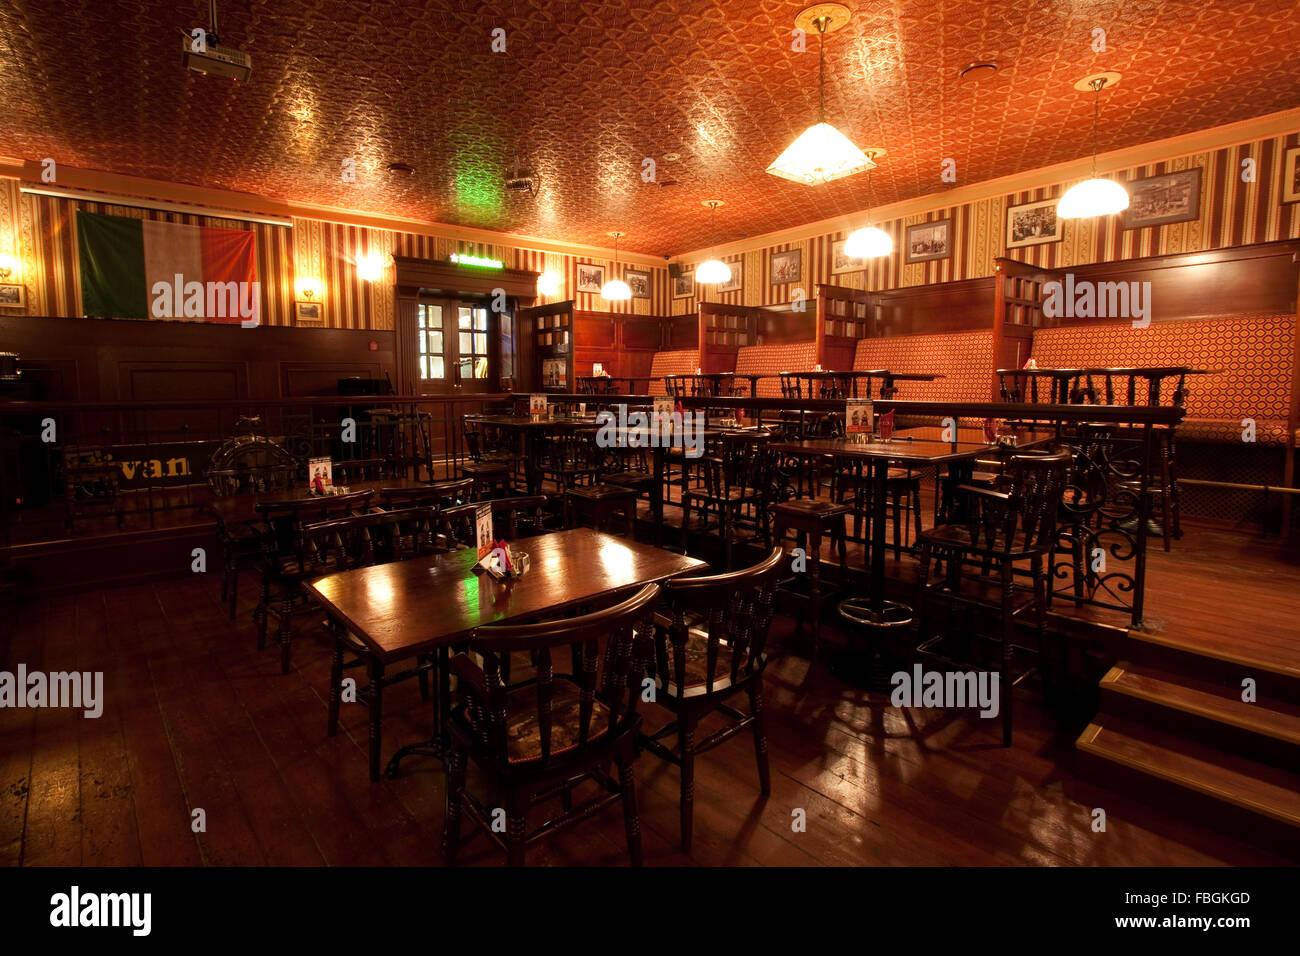 Irish Pub. Innenraum mit künstlichem Licht Stockfoto, Bild: 93179645 ...